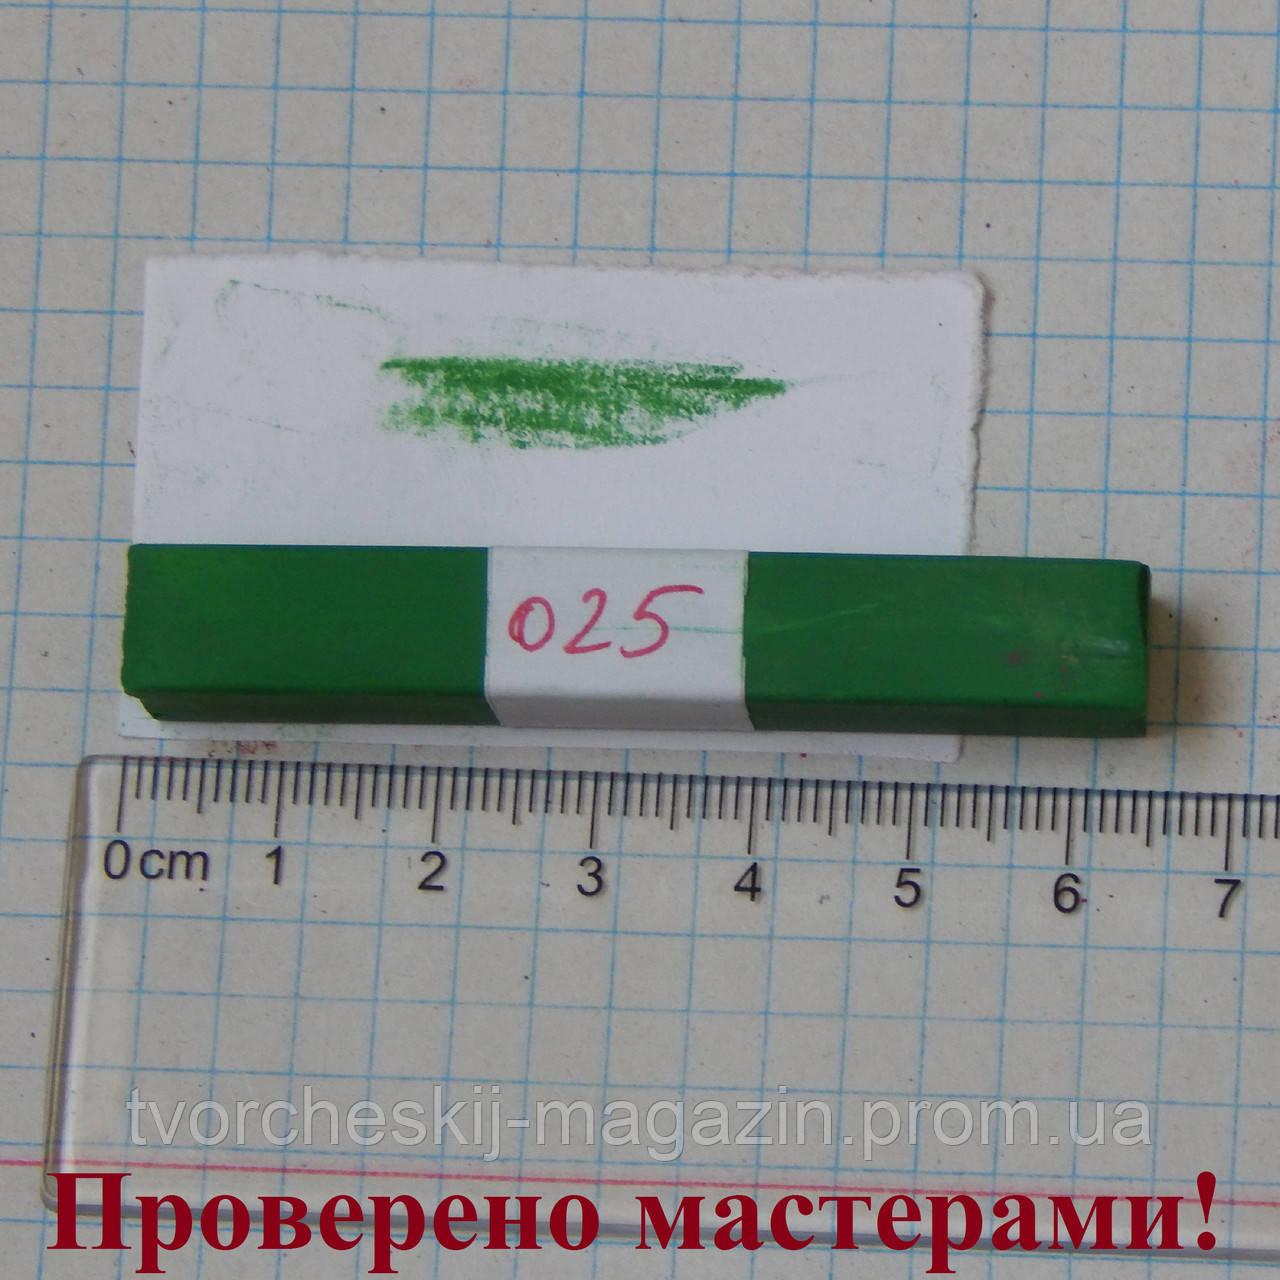 Пастель сухая мягкая MUNGYO травяная зеленая 025